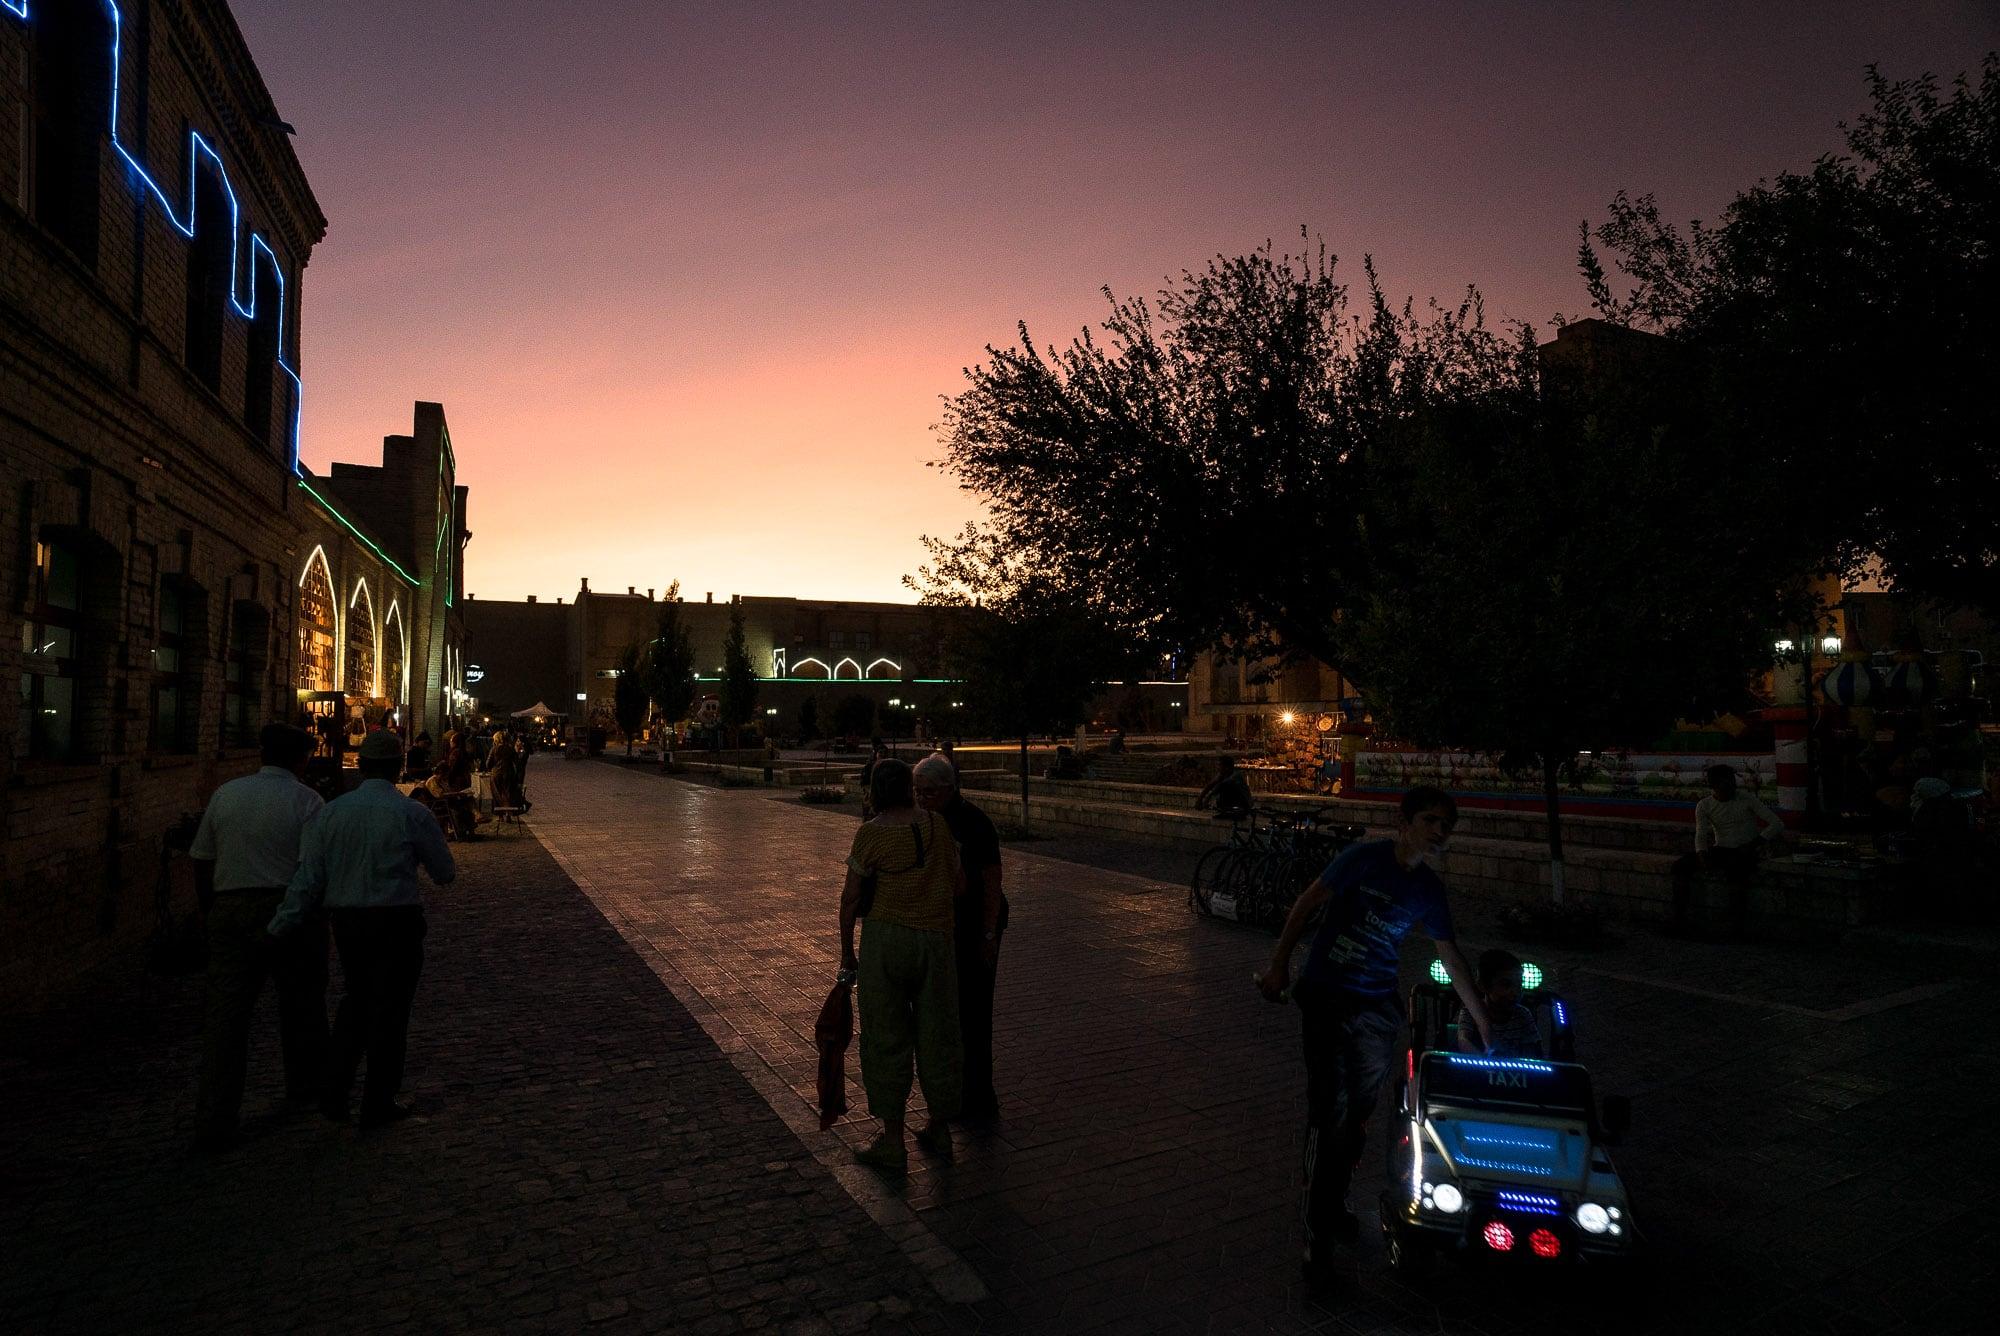 Bukhara at nightfall